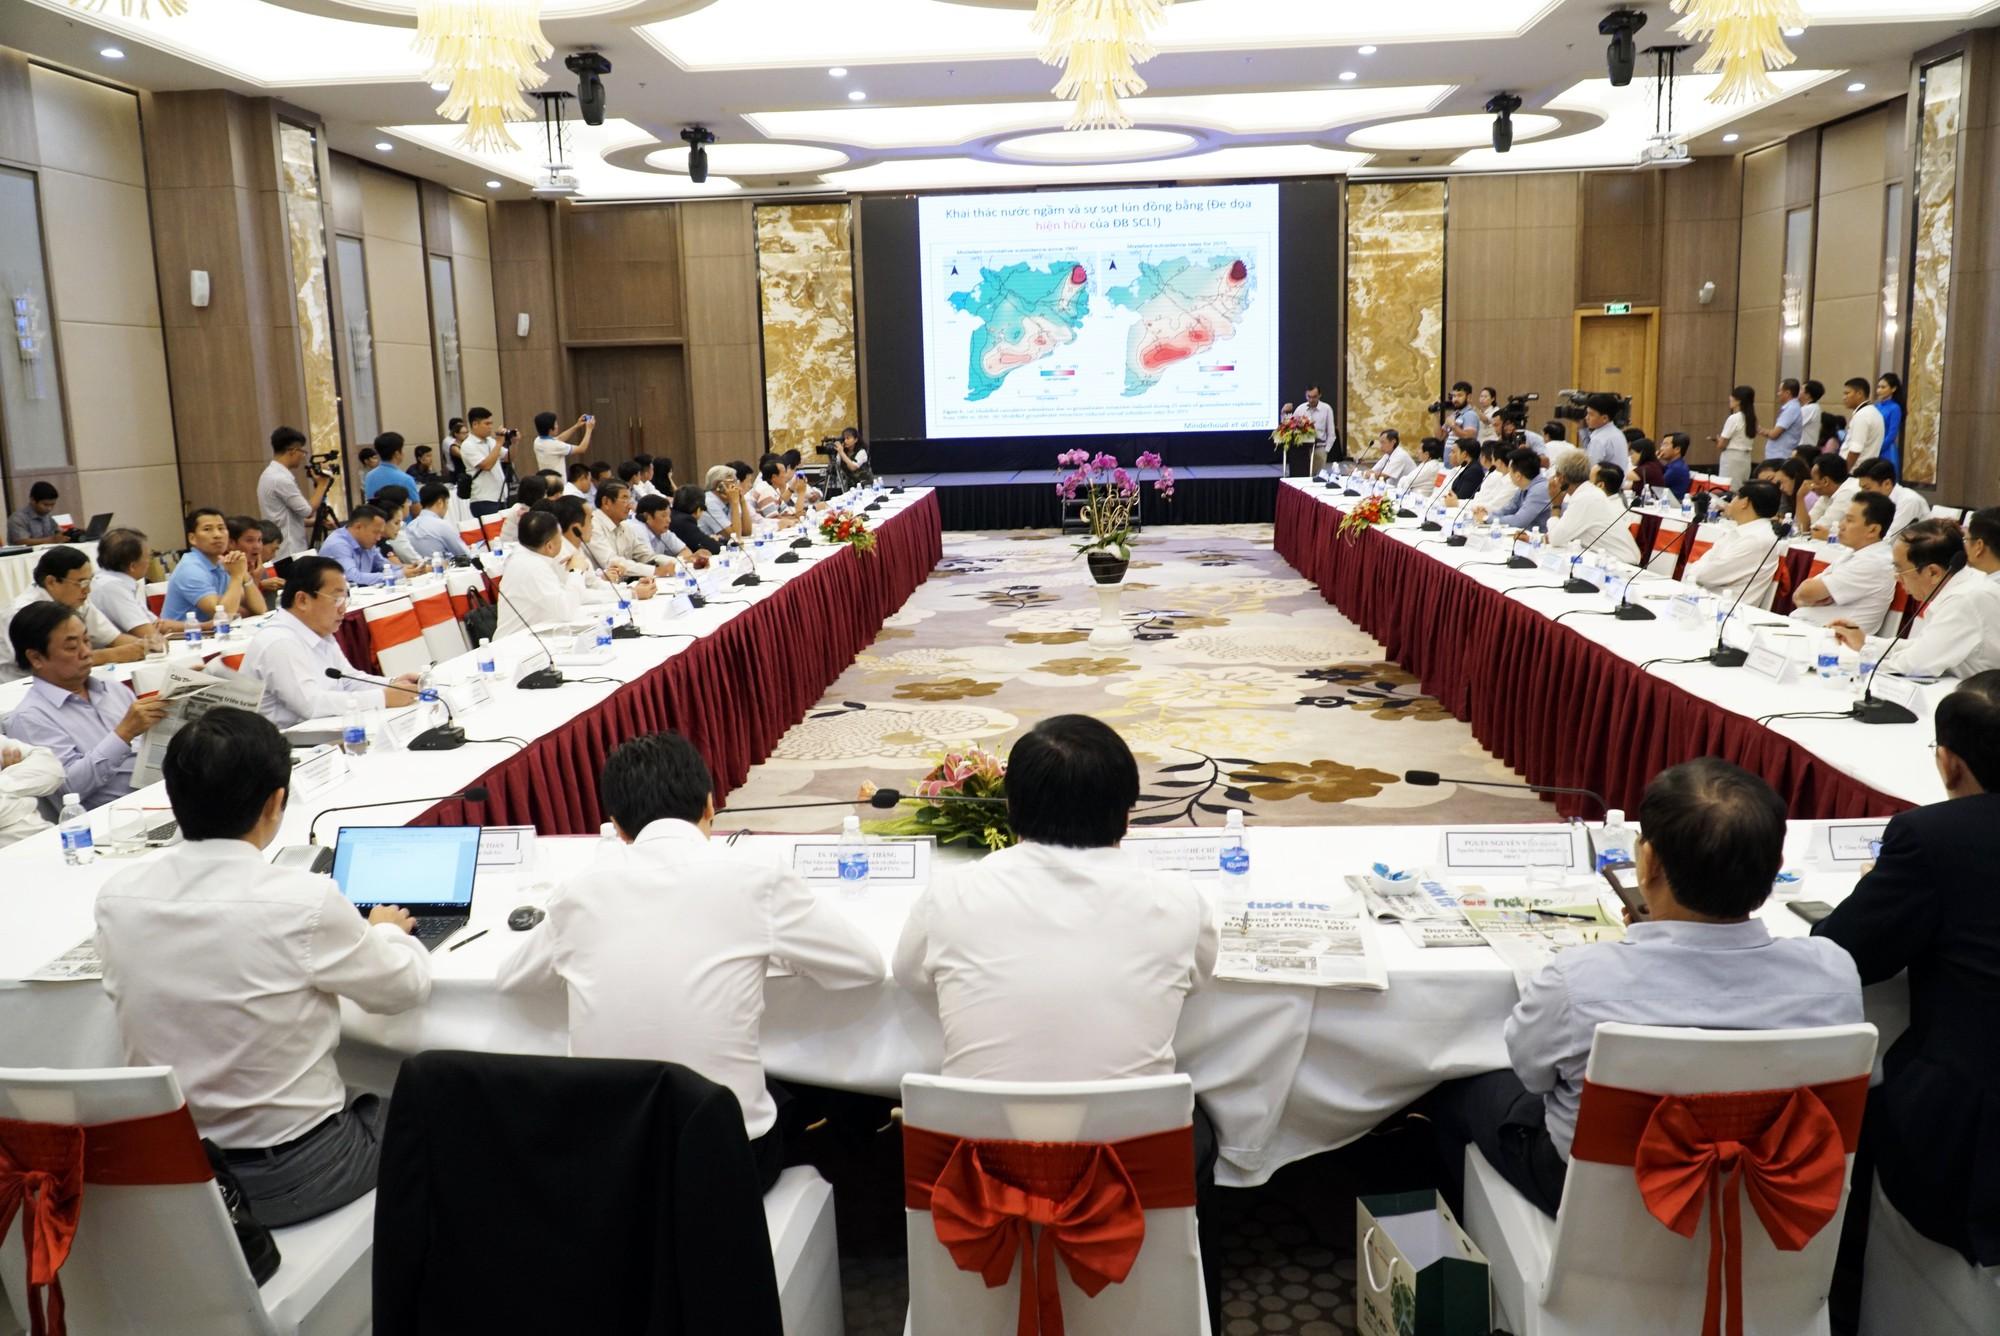 MeKong Xanh - Cùng xây cuộc sống xanh - Ảnh 7.